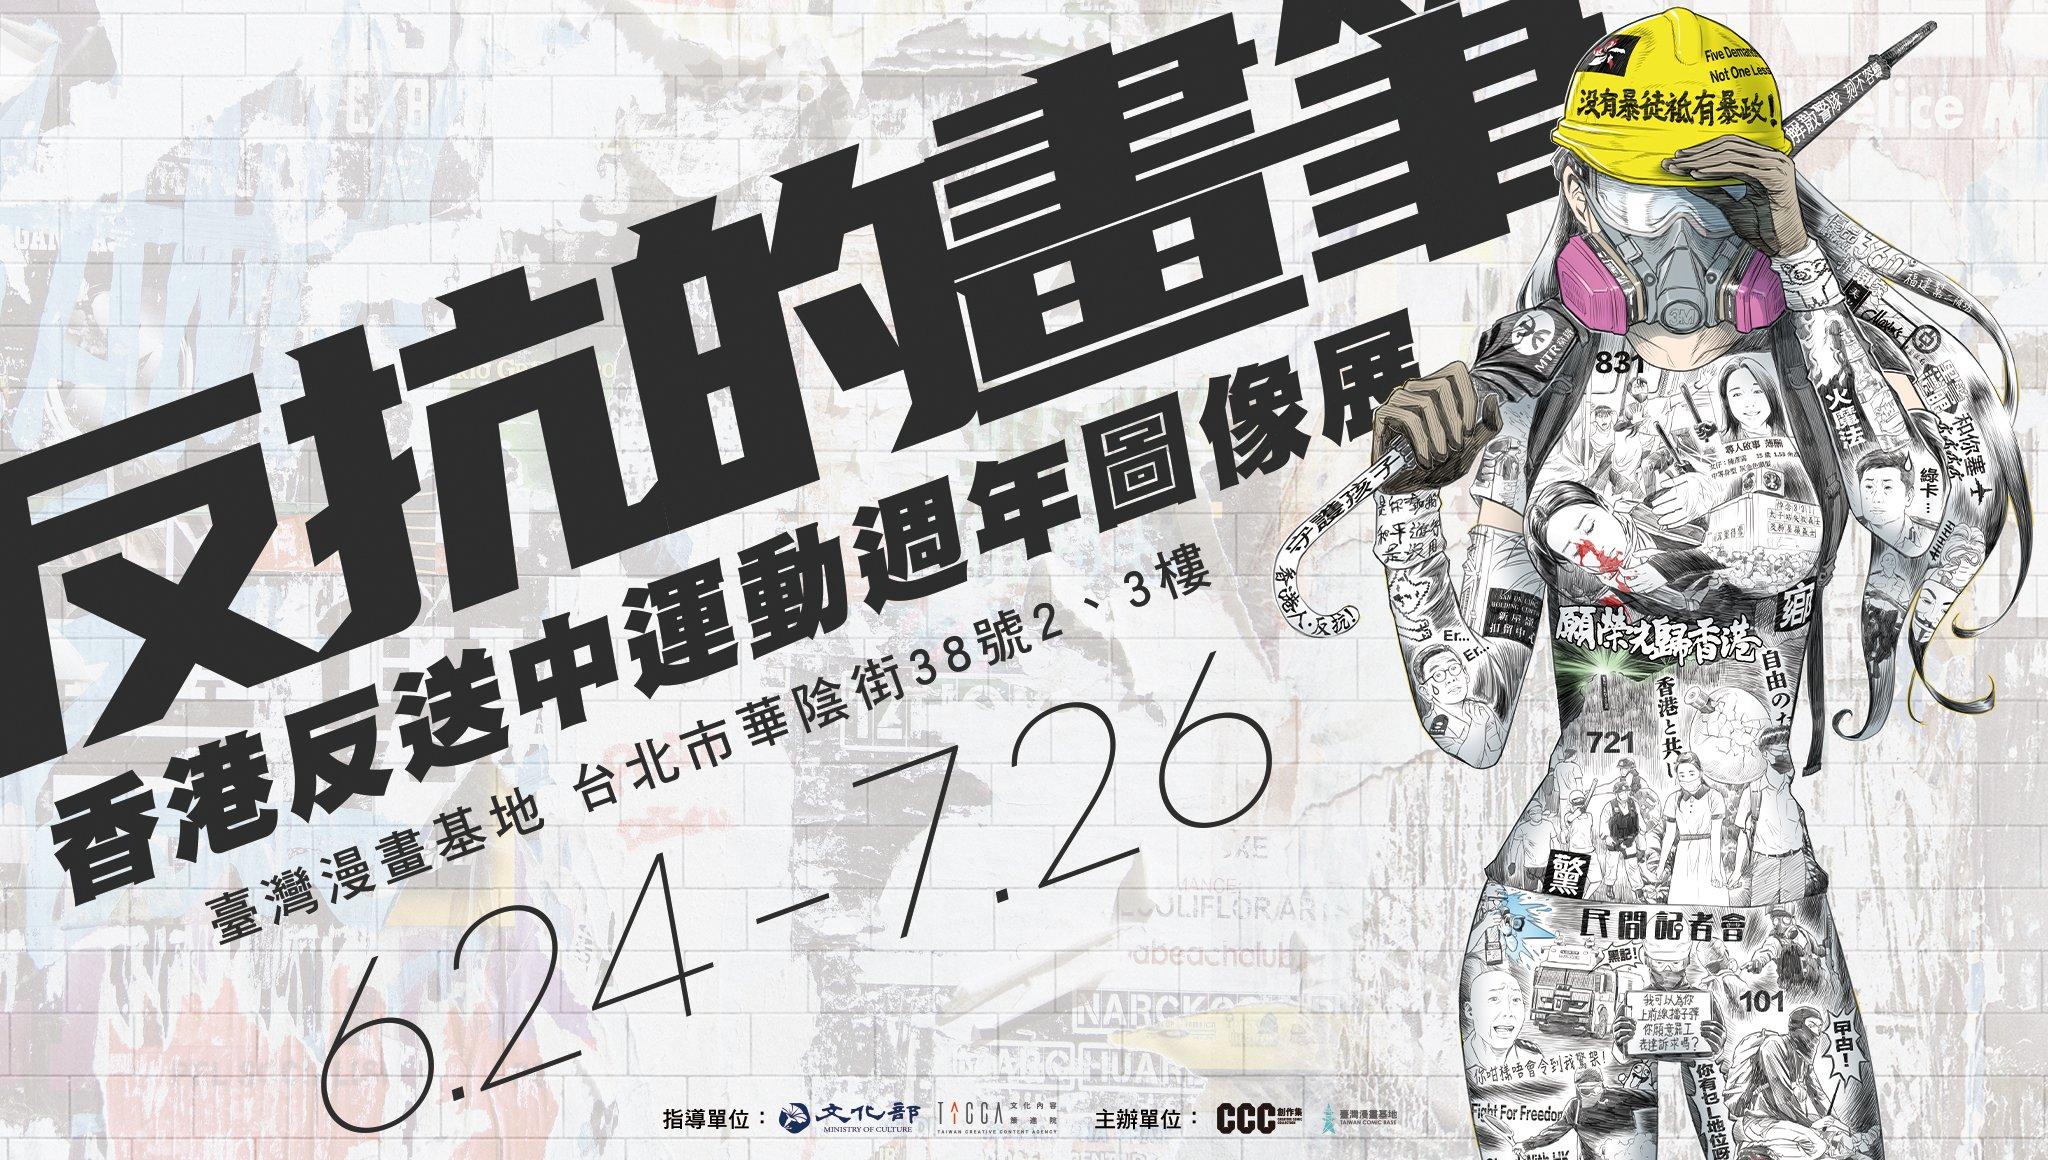 【基地特展】反抗的畫筆—香港反送中運動週年圖像展